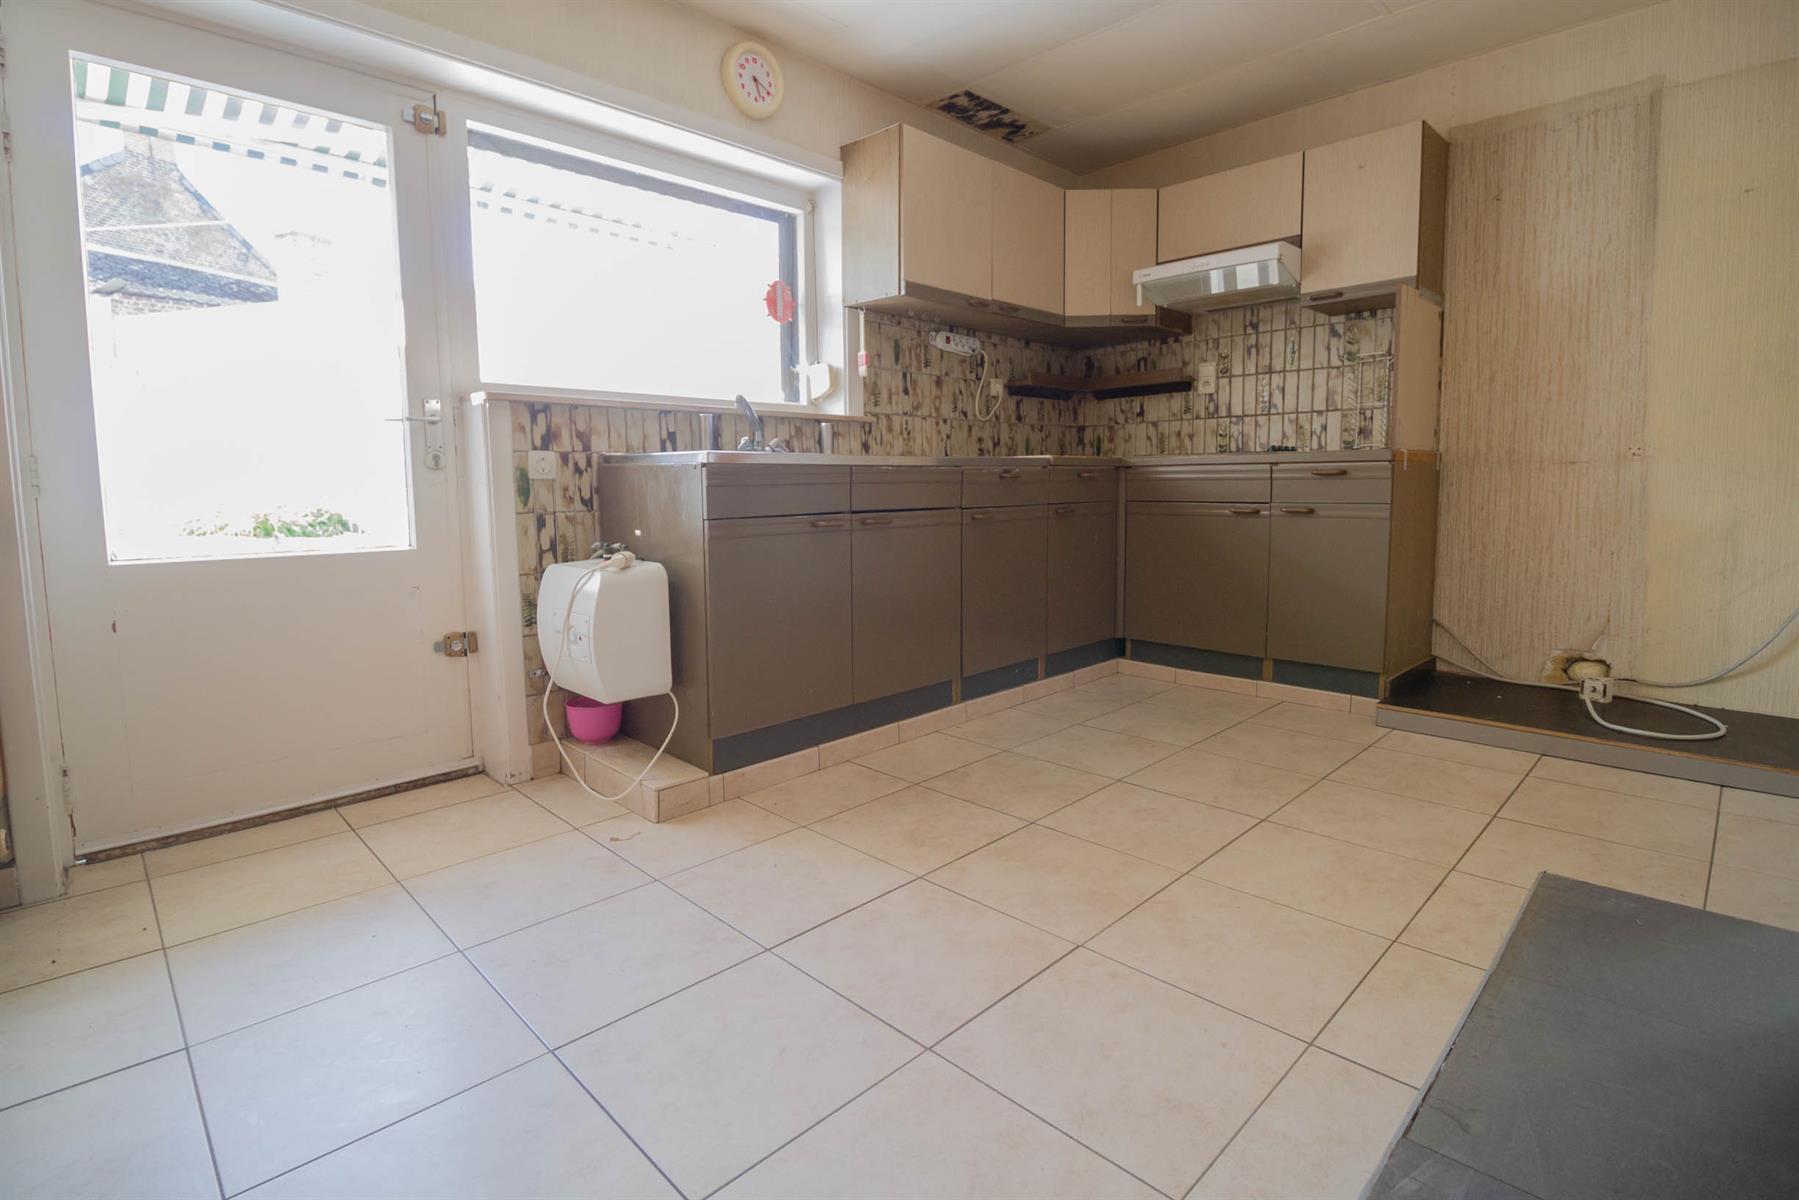 Maison - Trazegnies - #4344336-8